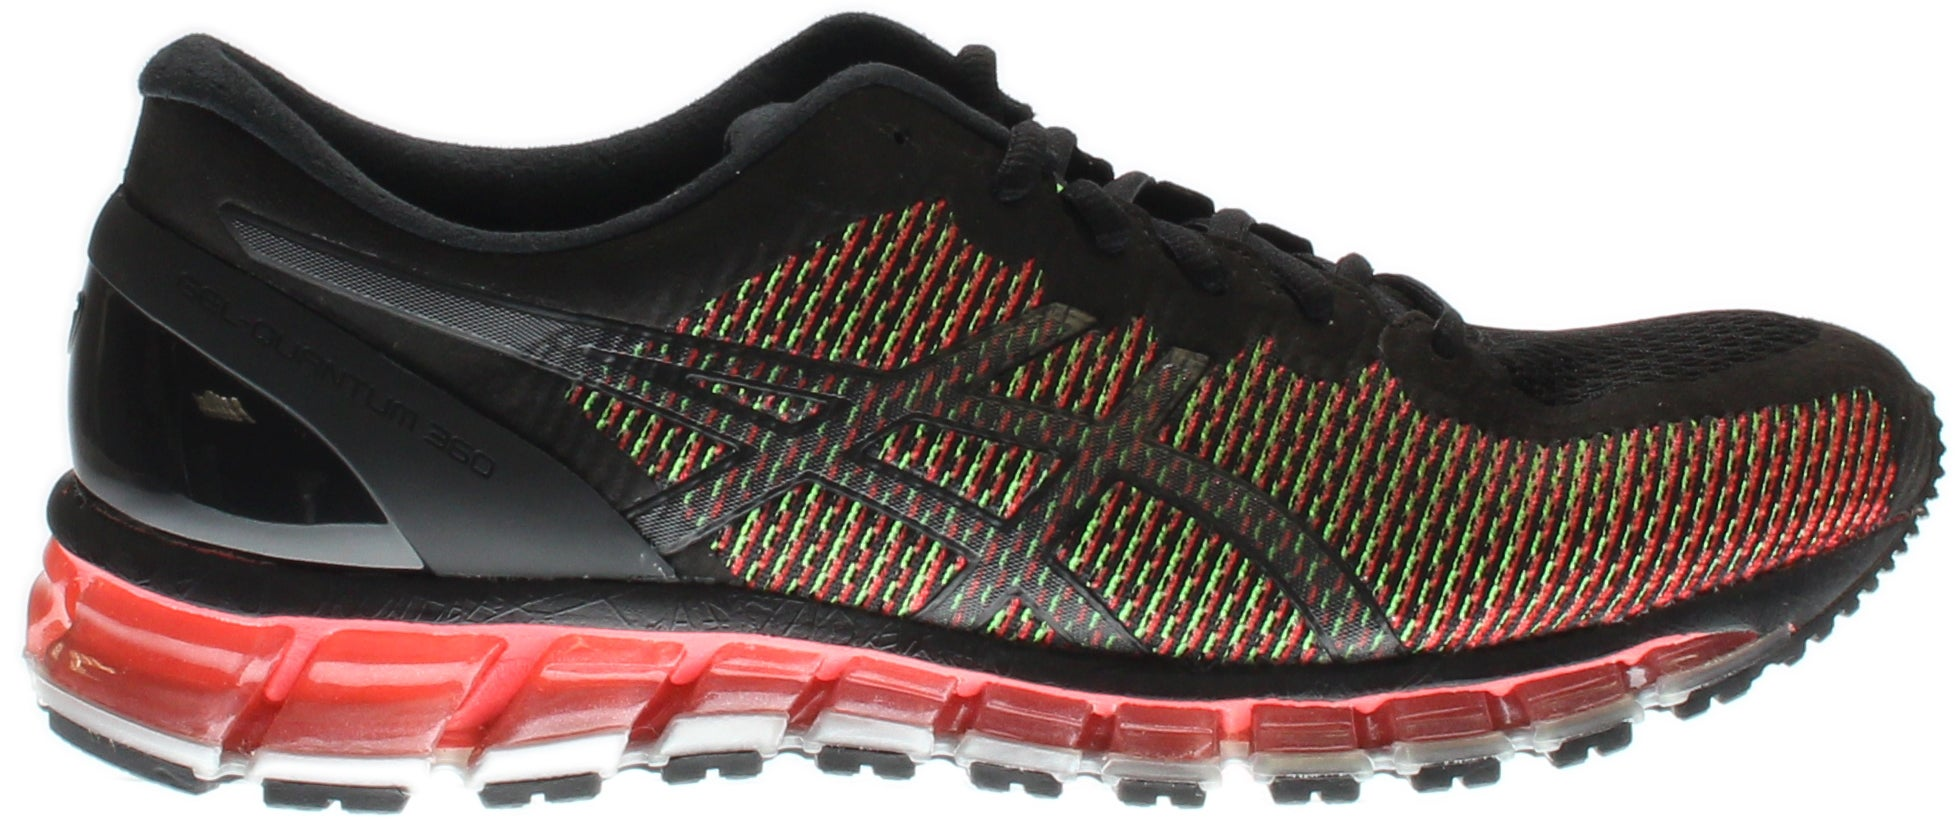 Details about ASICS GEL-Quantum 360 CM Running Shoes - Black - Mens 0ab0df670131e